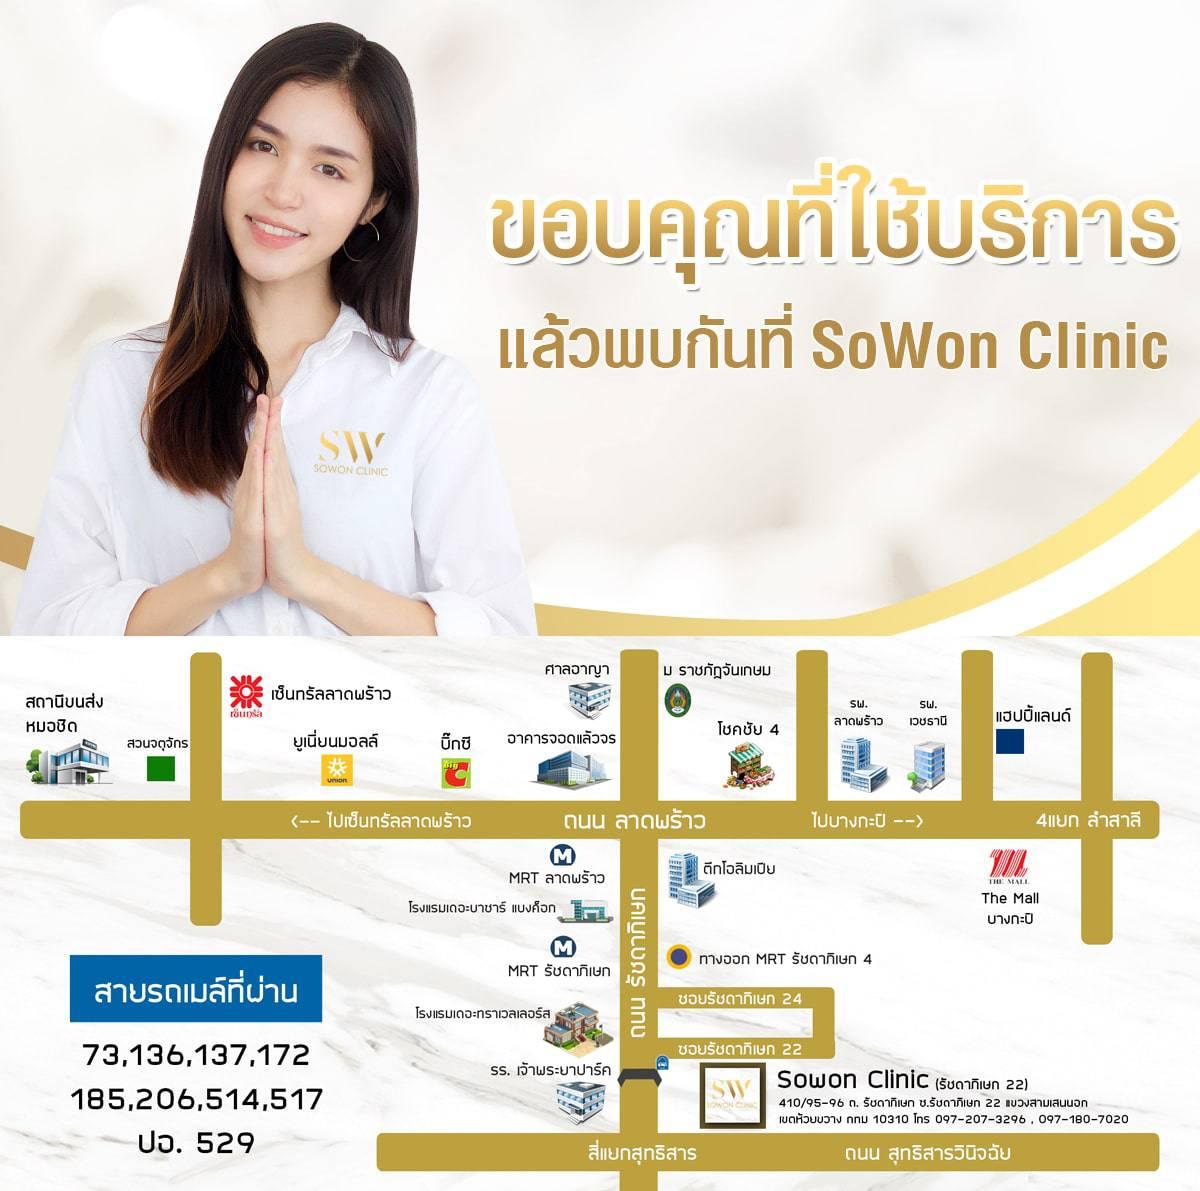 ขอบคุณที่ไว้วางใจ sowon clinic